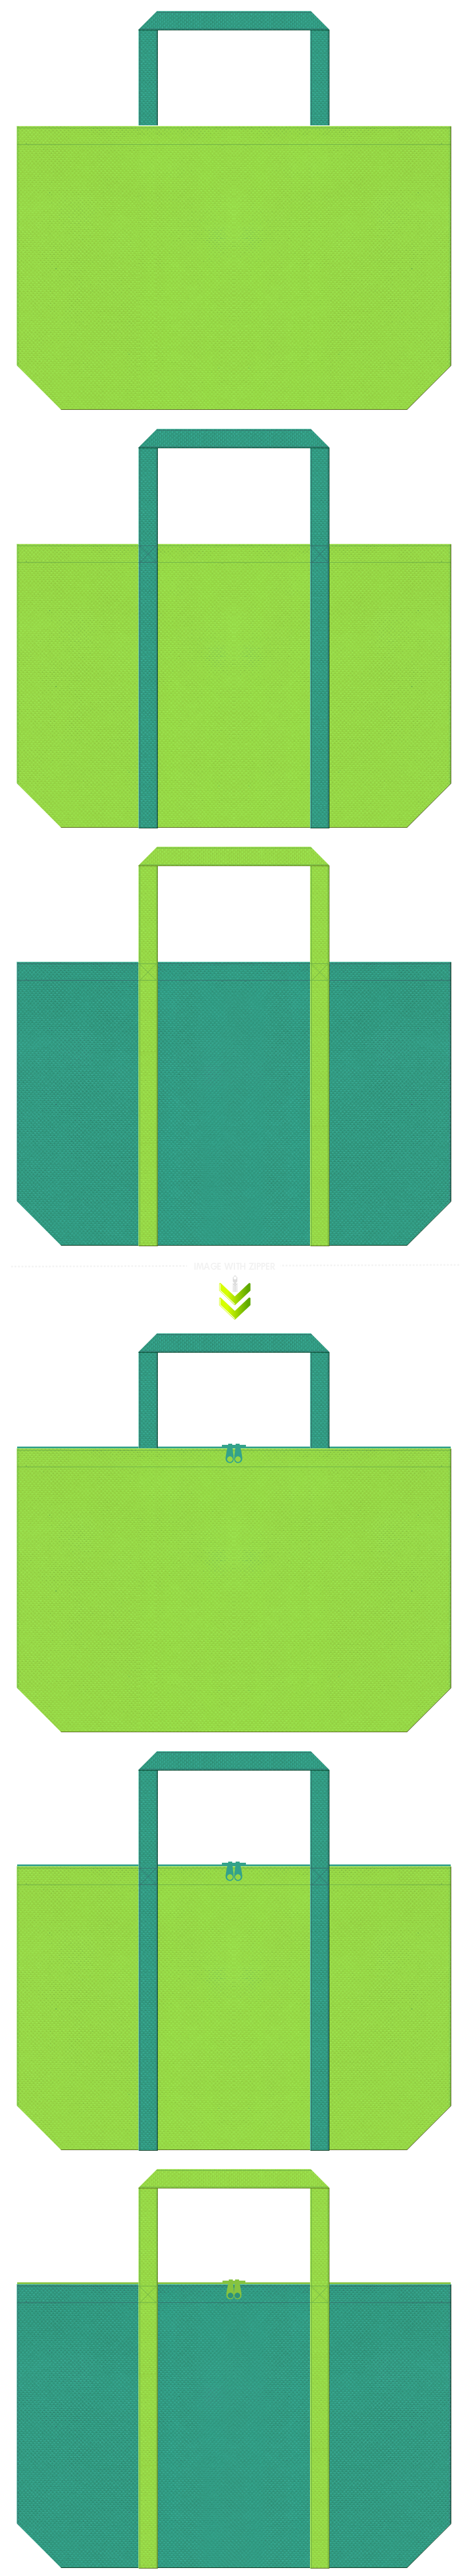 黄緑色と青緑色の不織布エコバッグのデザイン。新緑イメージのエコバッグにお奨めの配色です。